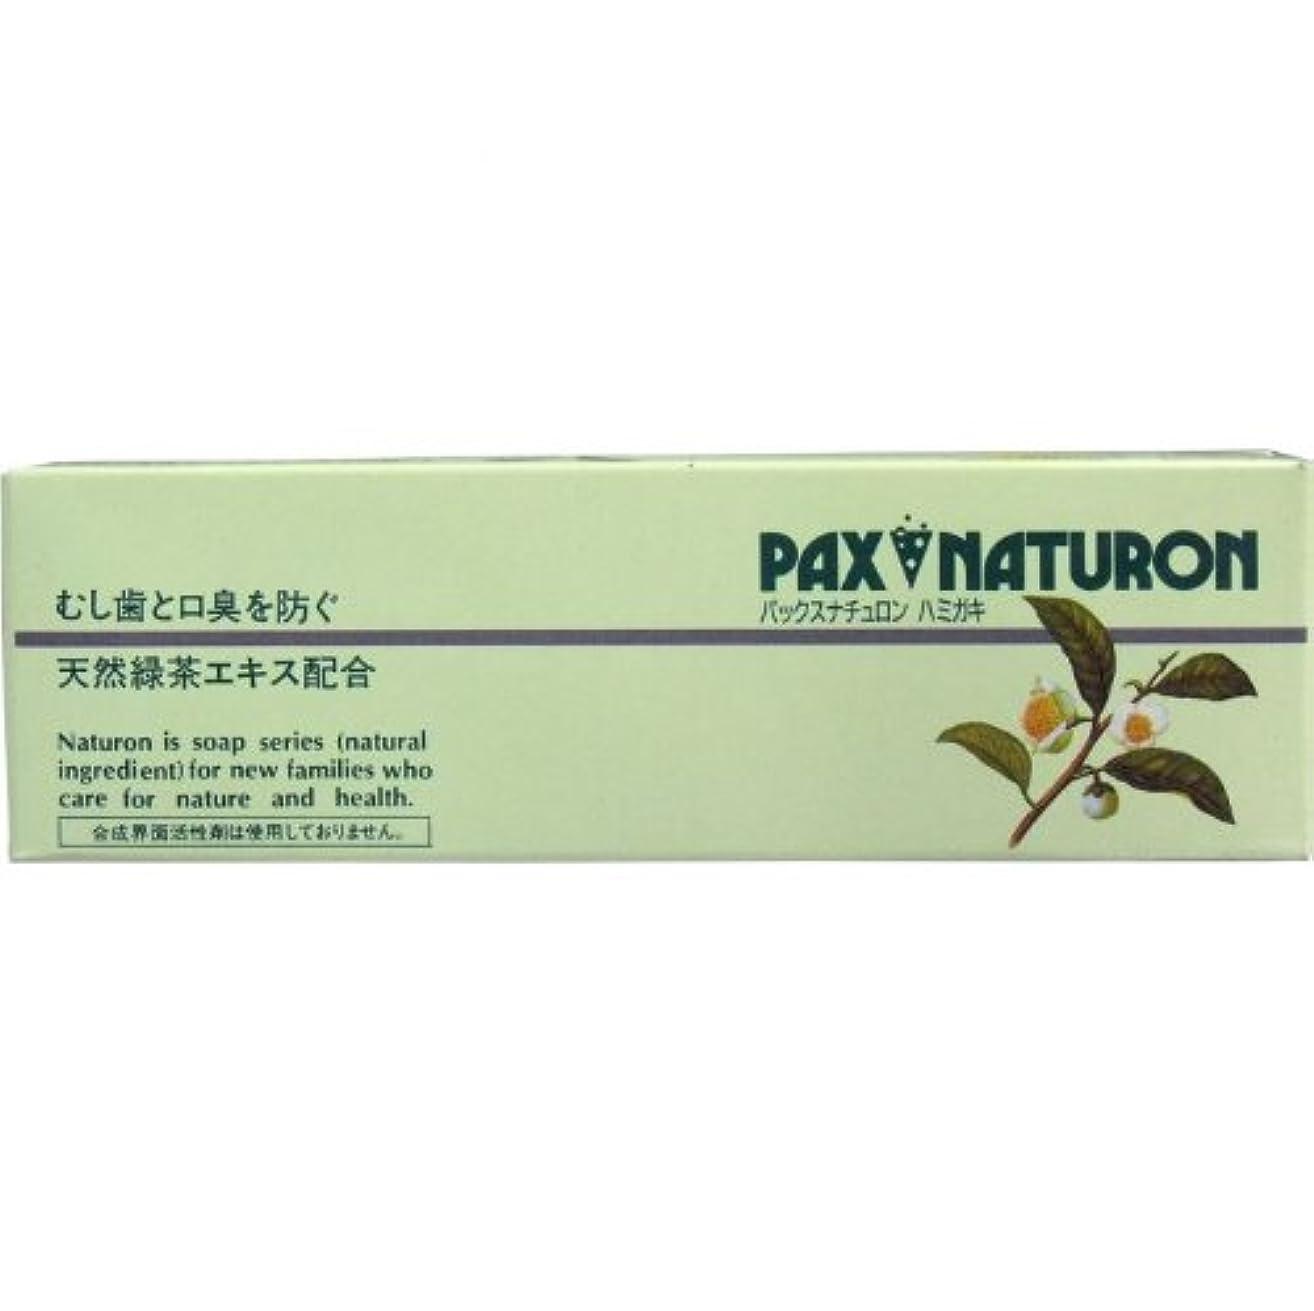 フロント病気の専門化するパックスナチュロン ハミガキ 120g「4点セット」